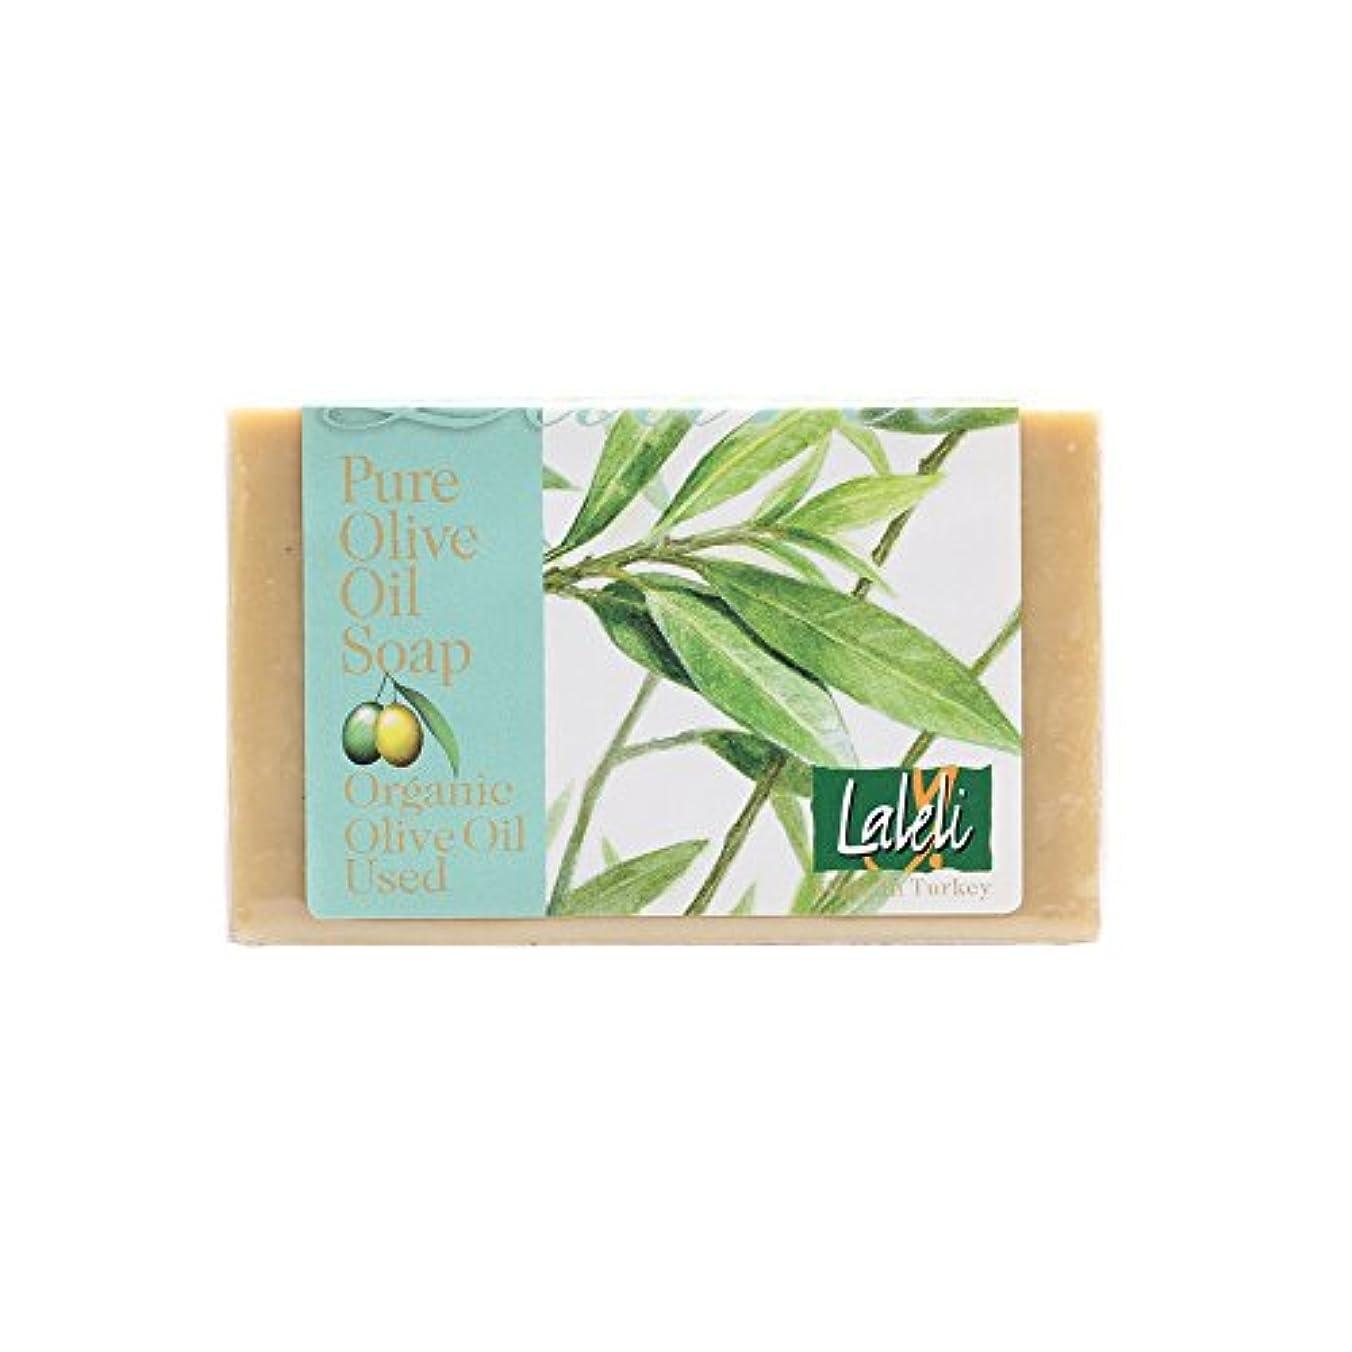 ラーレリ オーガニックオリーブオイルソープ 月桂樹 120g